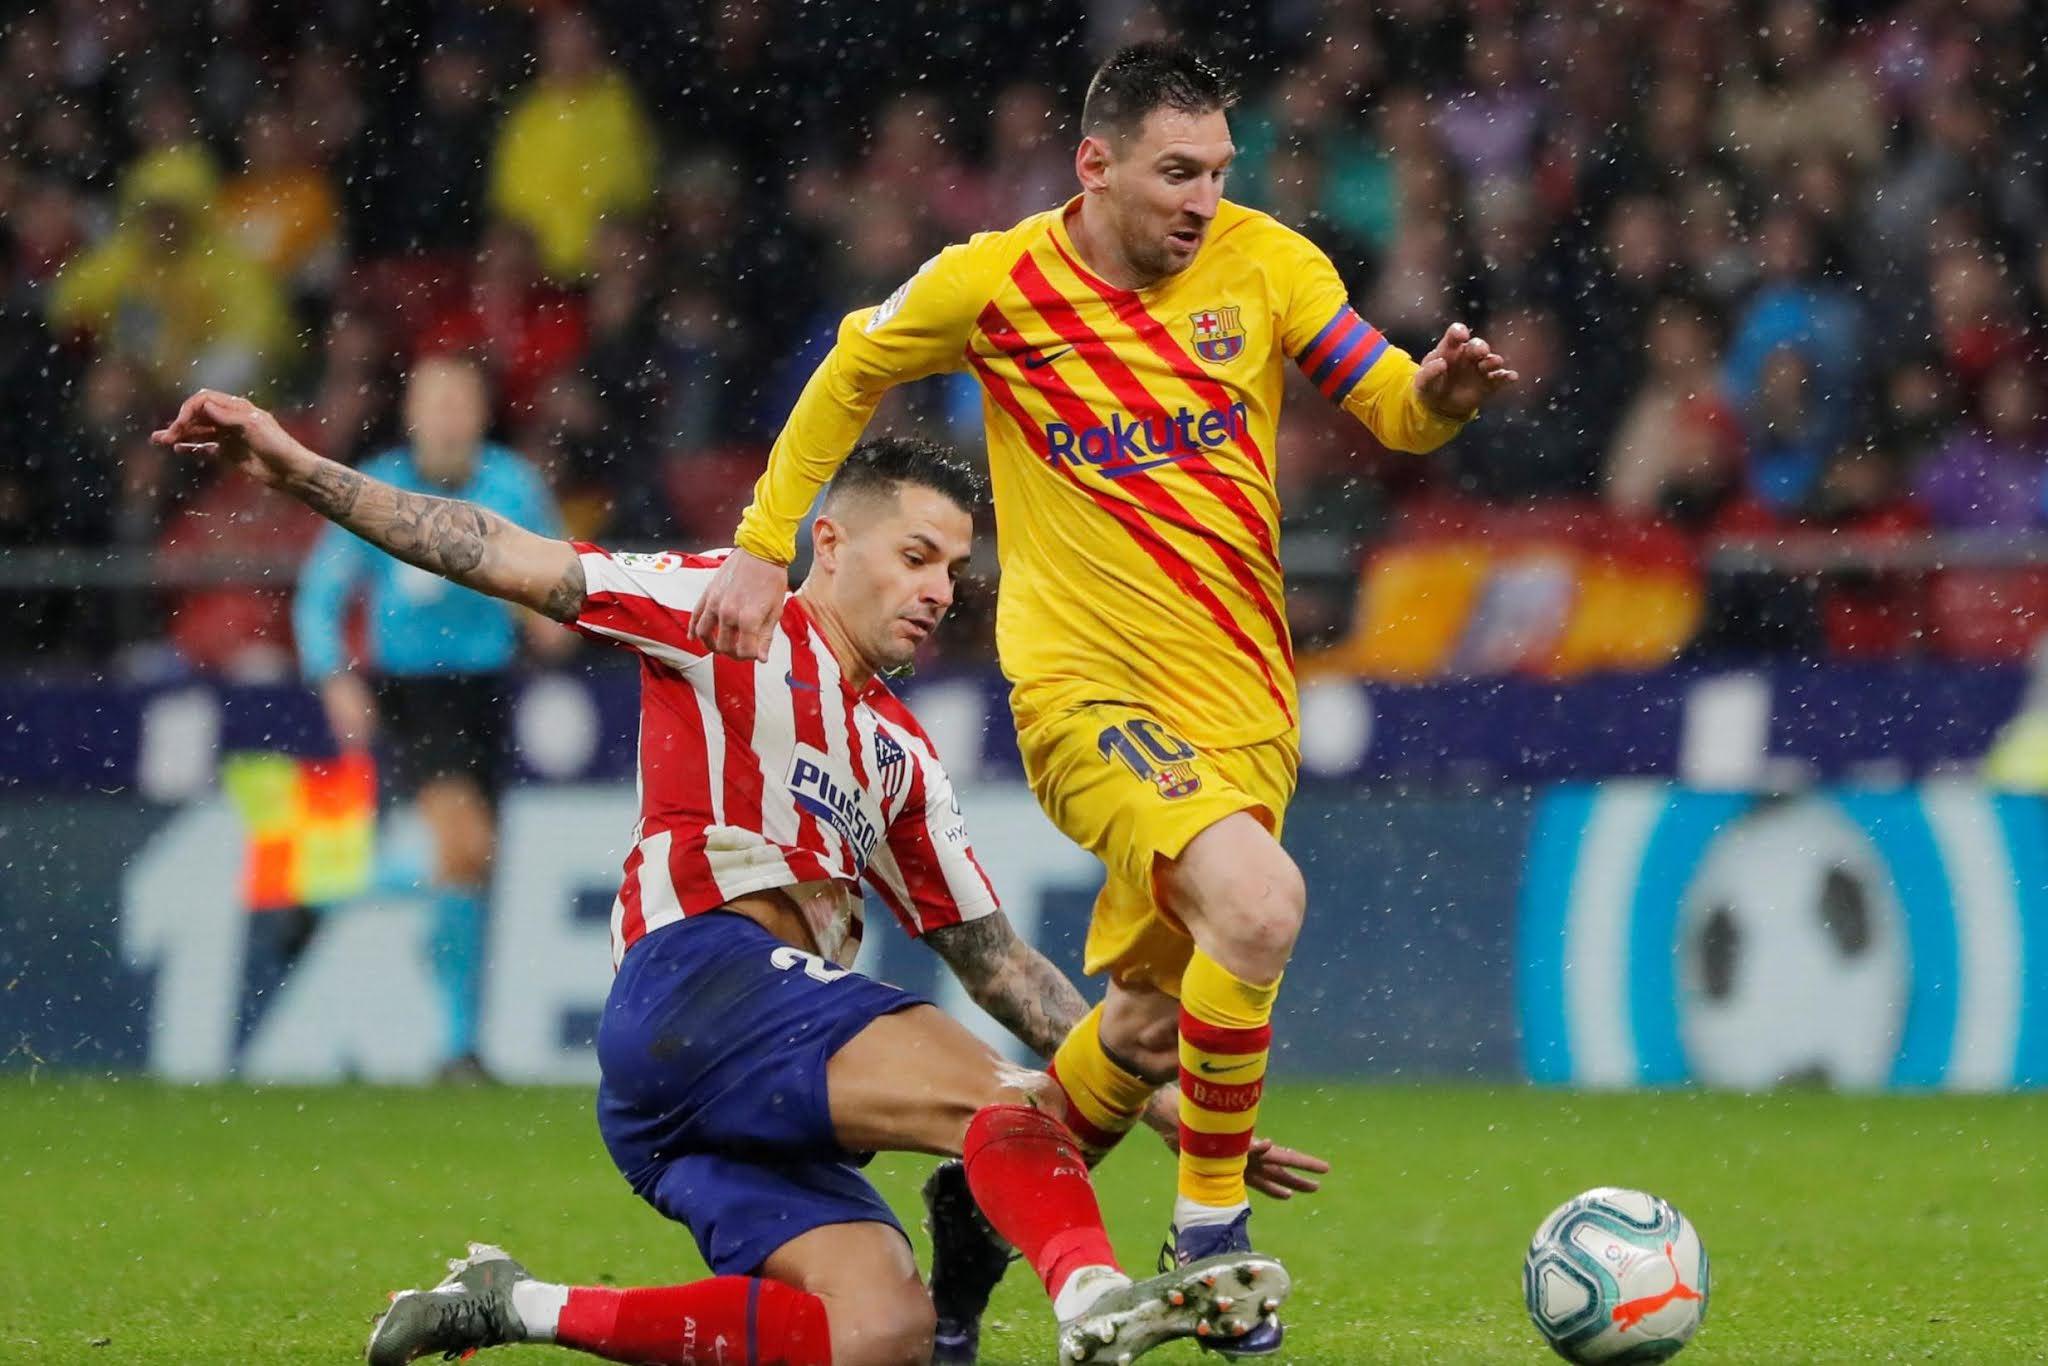 مشاهدة مباراة برشلونة ضد أتلتيك بيلباو